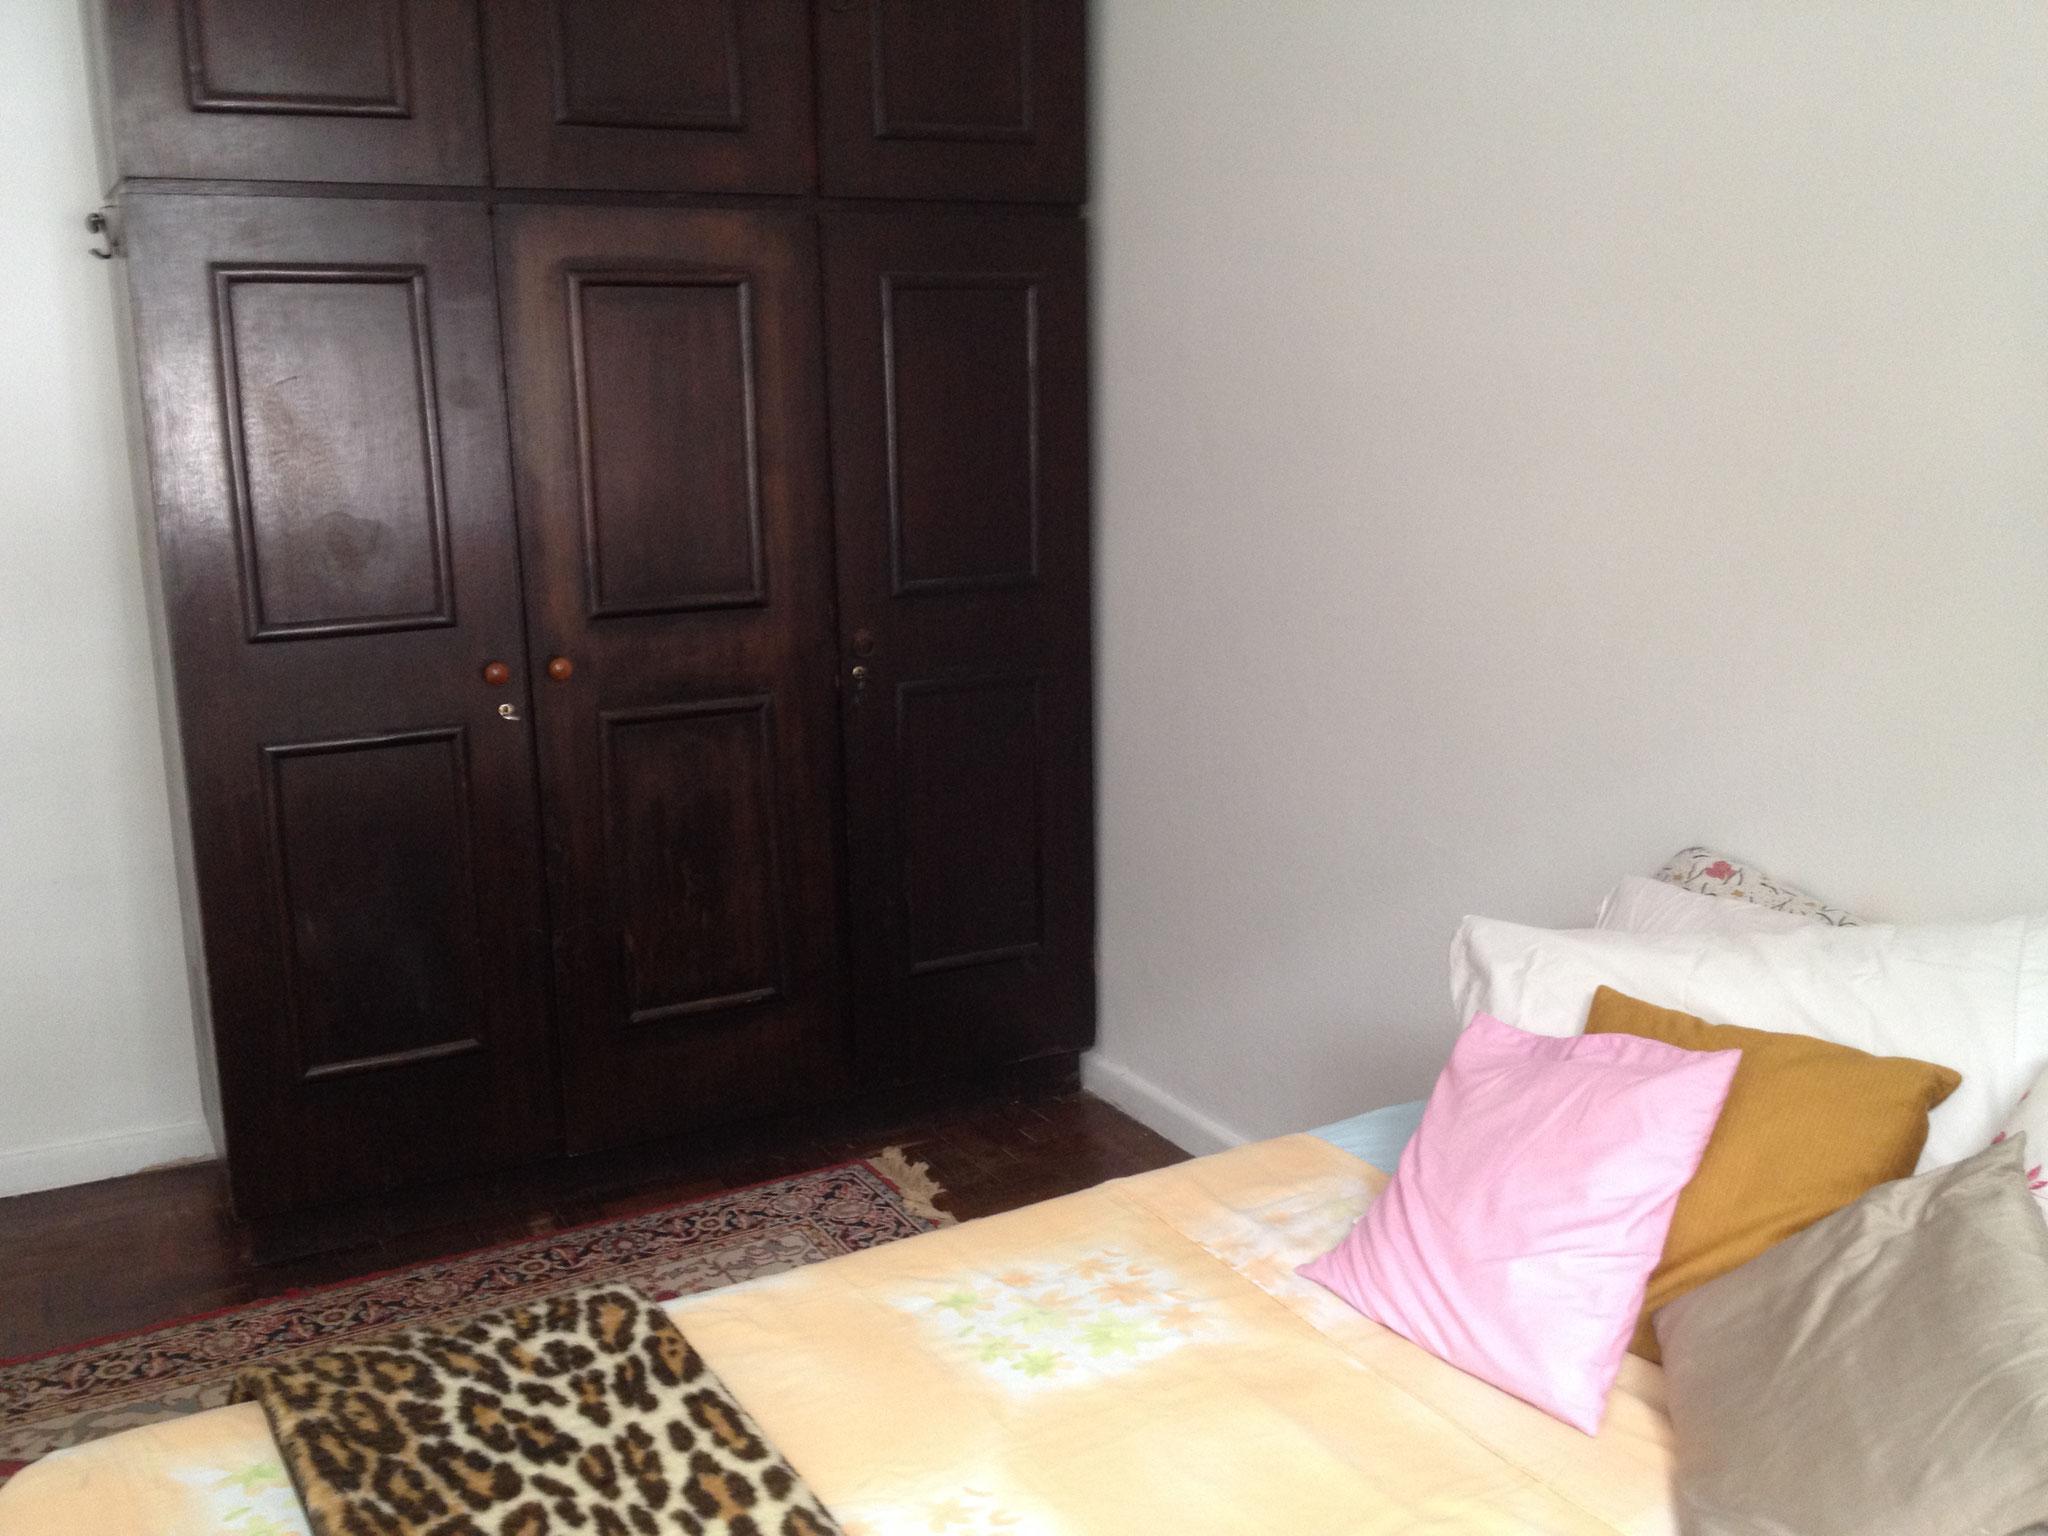 Bett und Schrank im zweiten Schlafzimmer